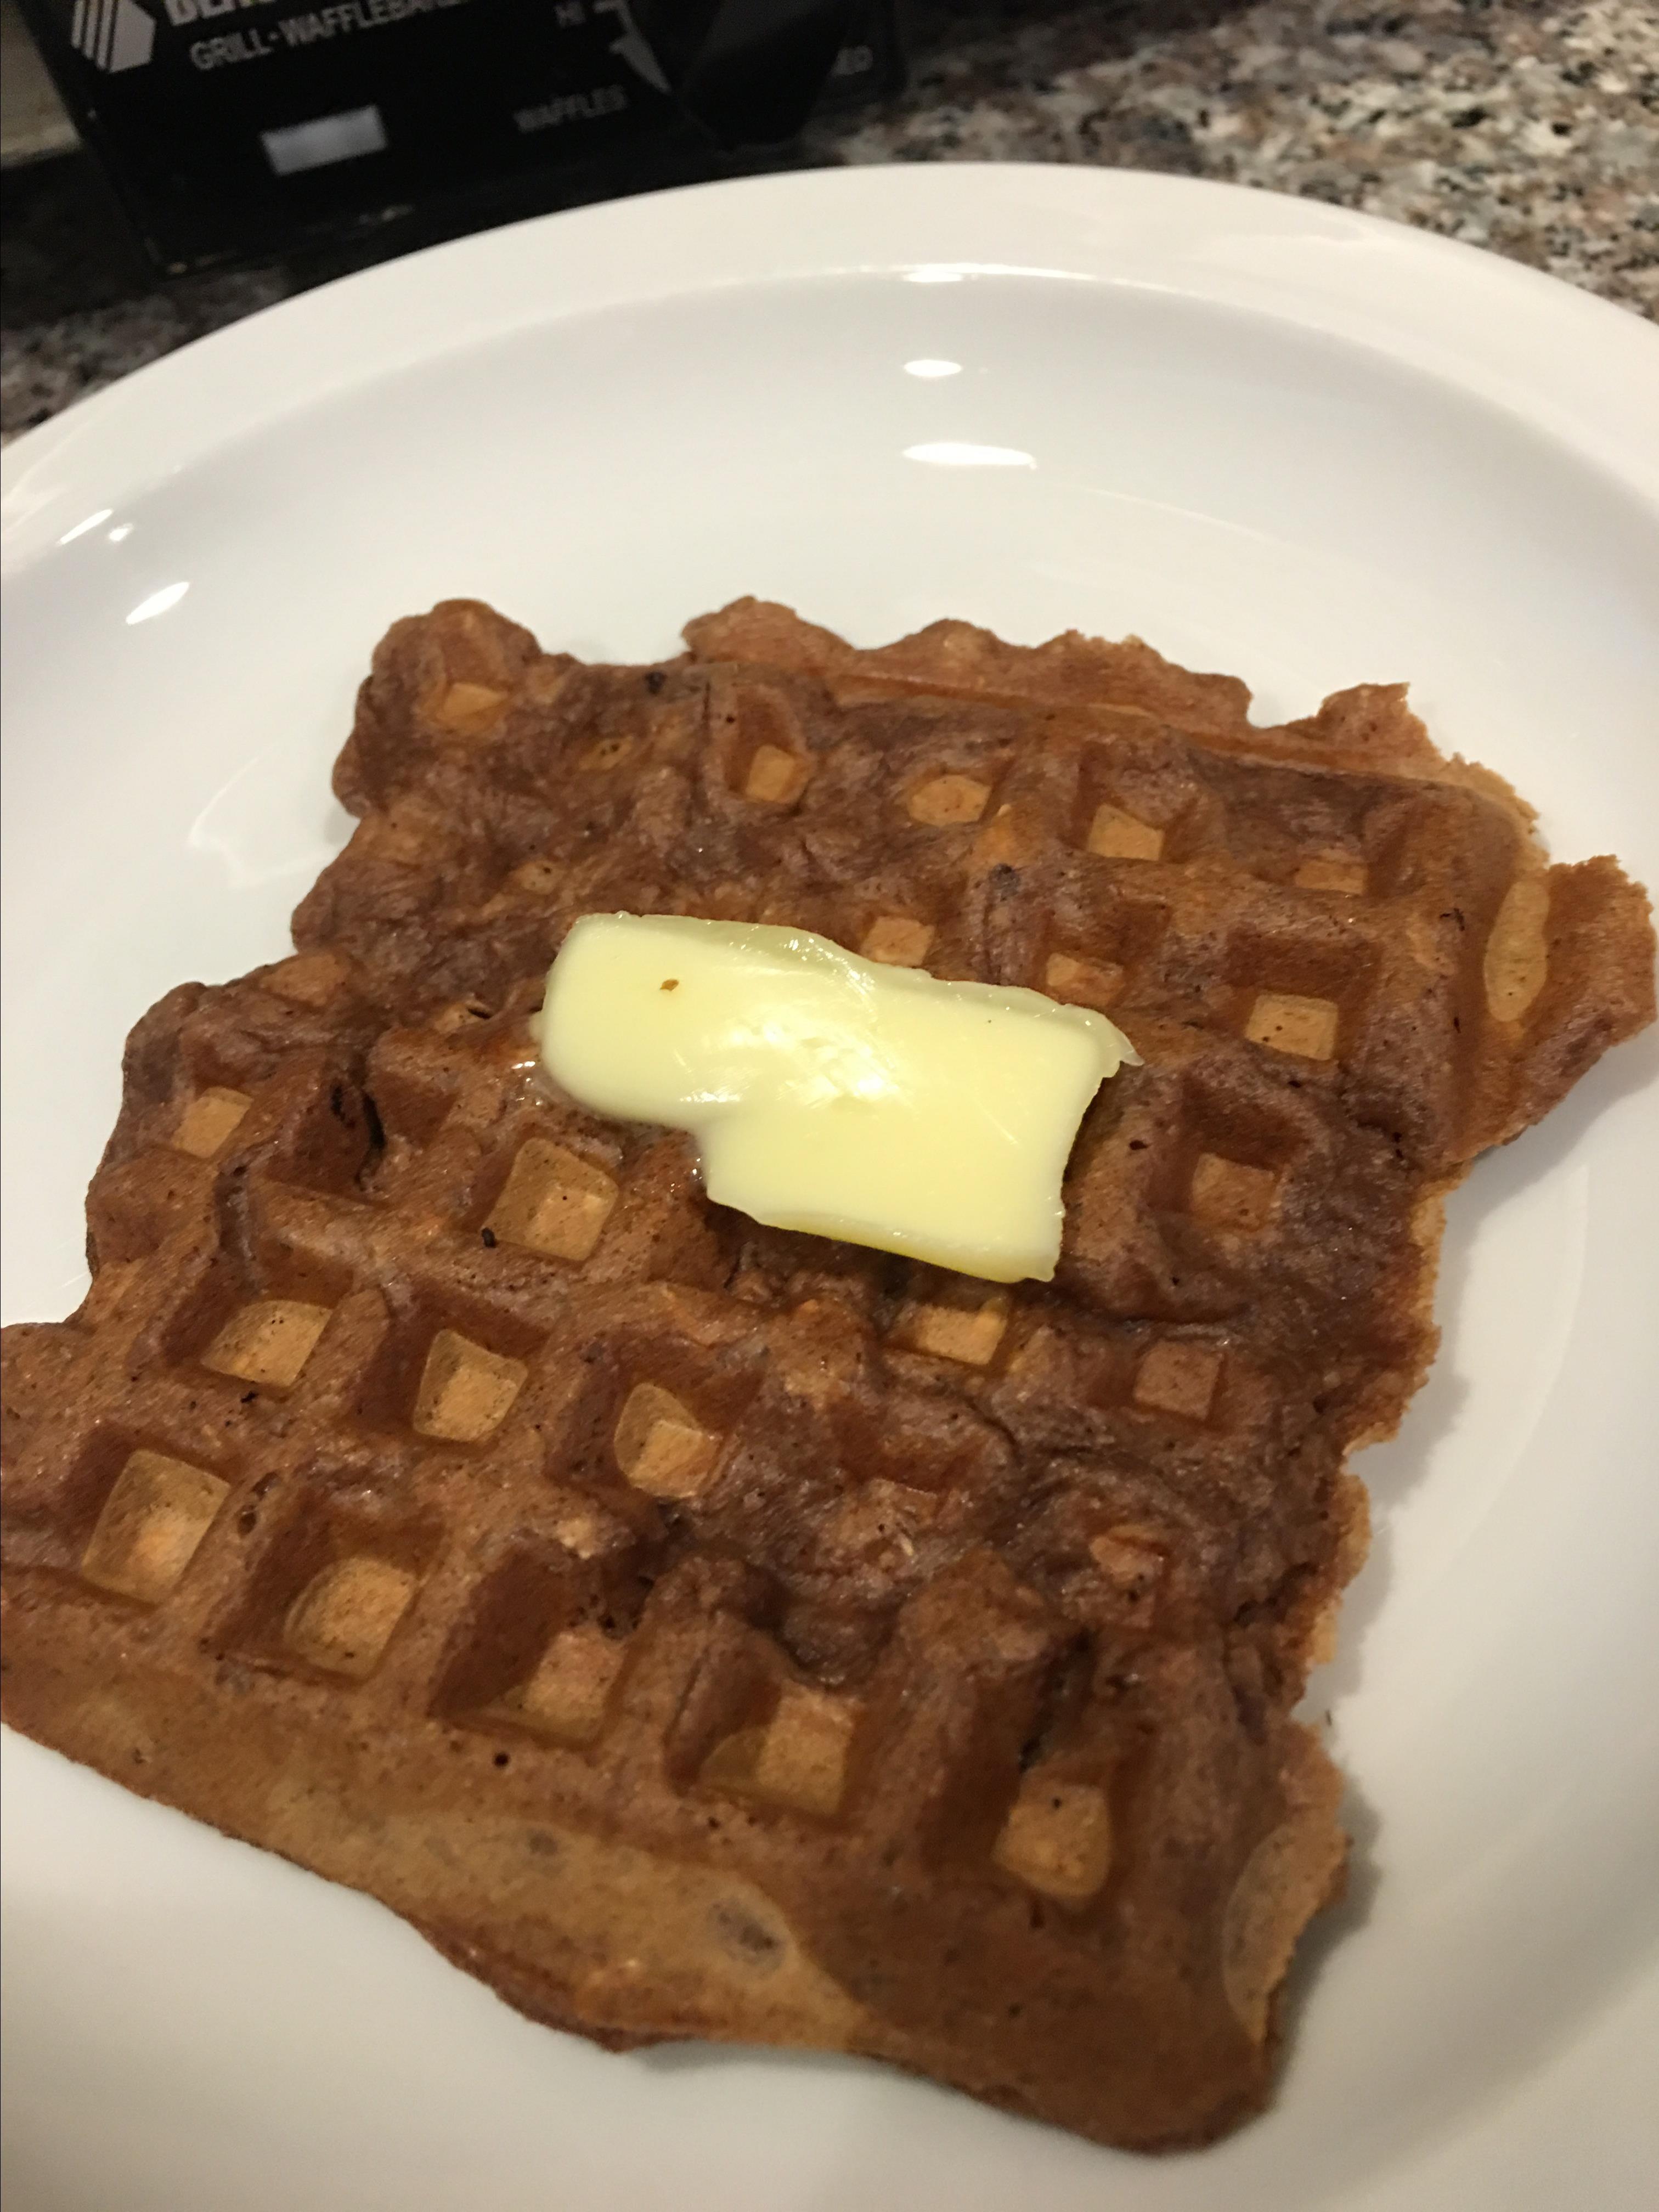 Carlie's Chocolate Oatmeal Waffles